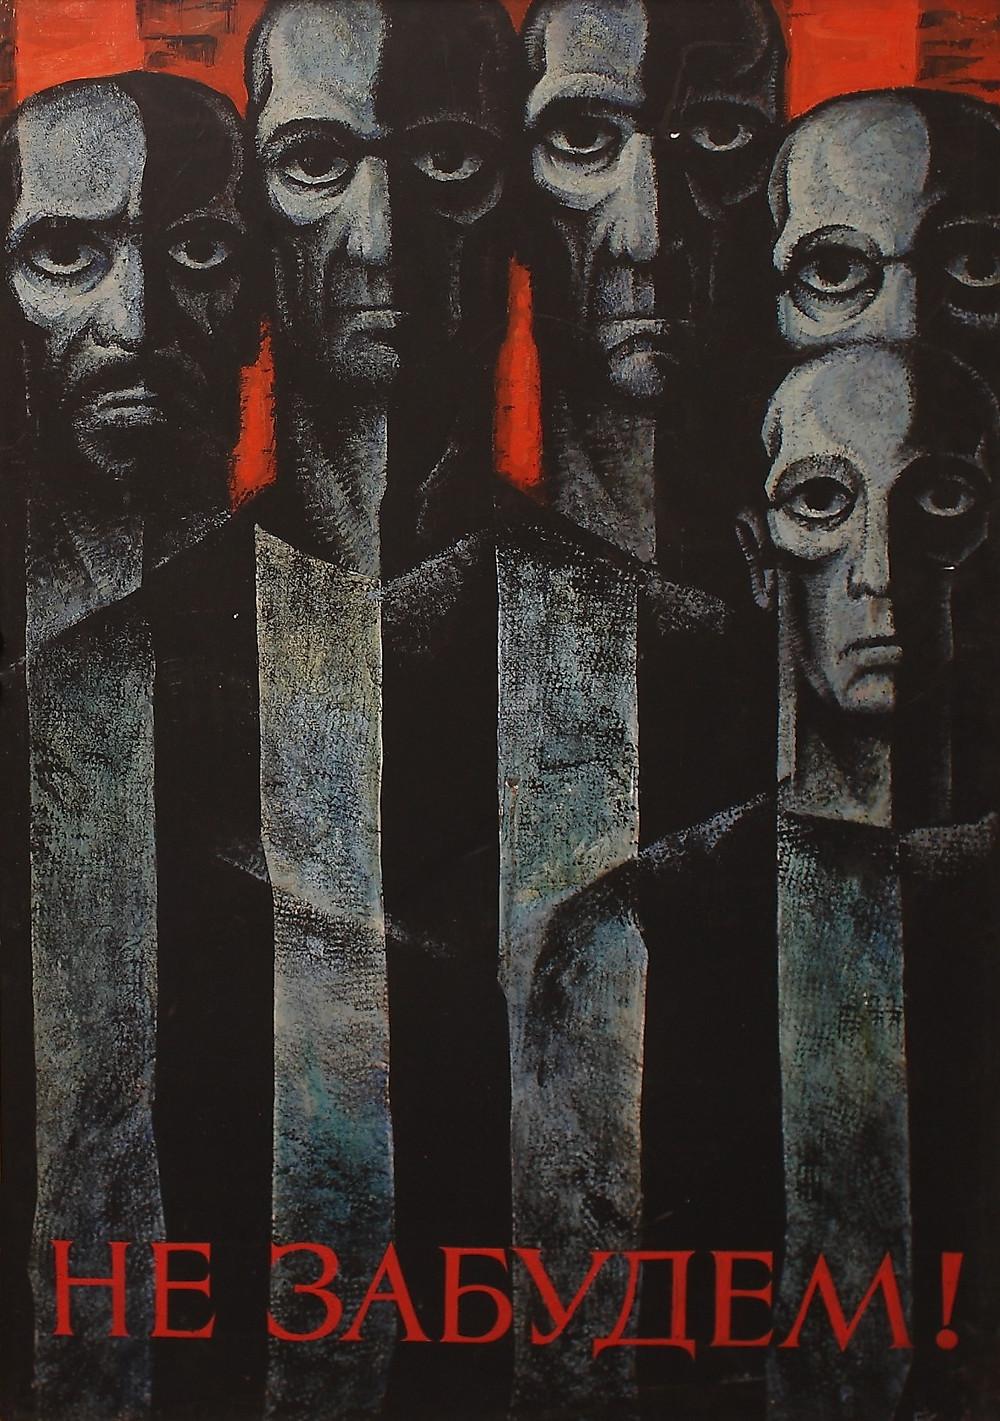 Не забудем! 1977 год. Автор Борис Михайлович Кременский (1938-2013). Бумага, темпера. Размер 100х70 см.